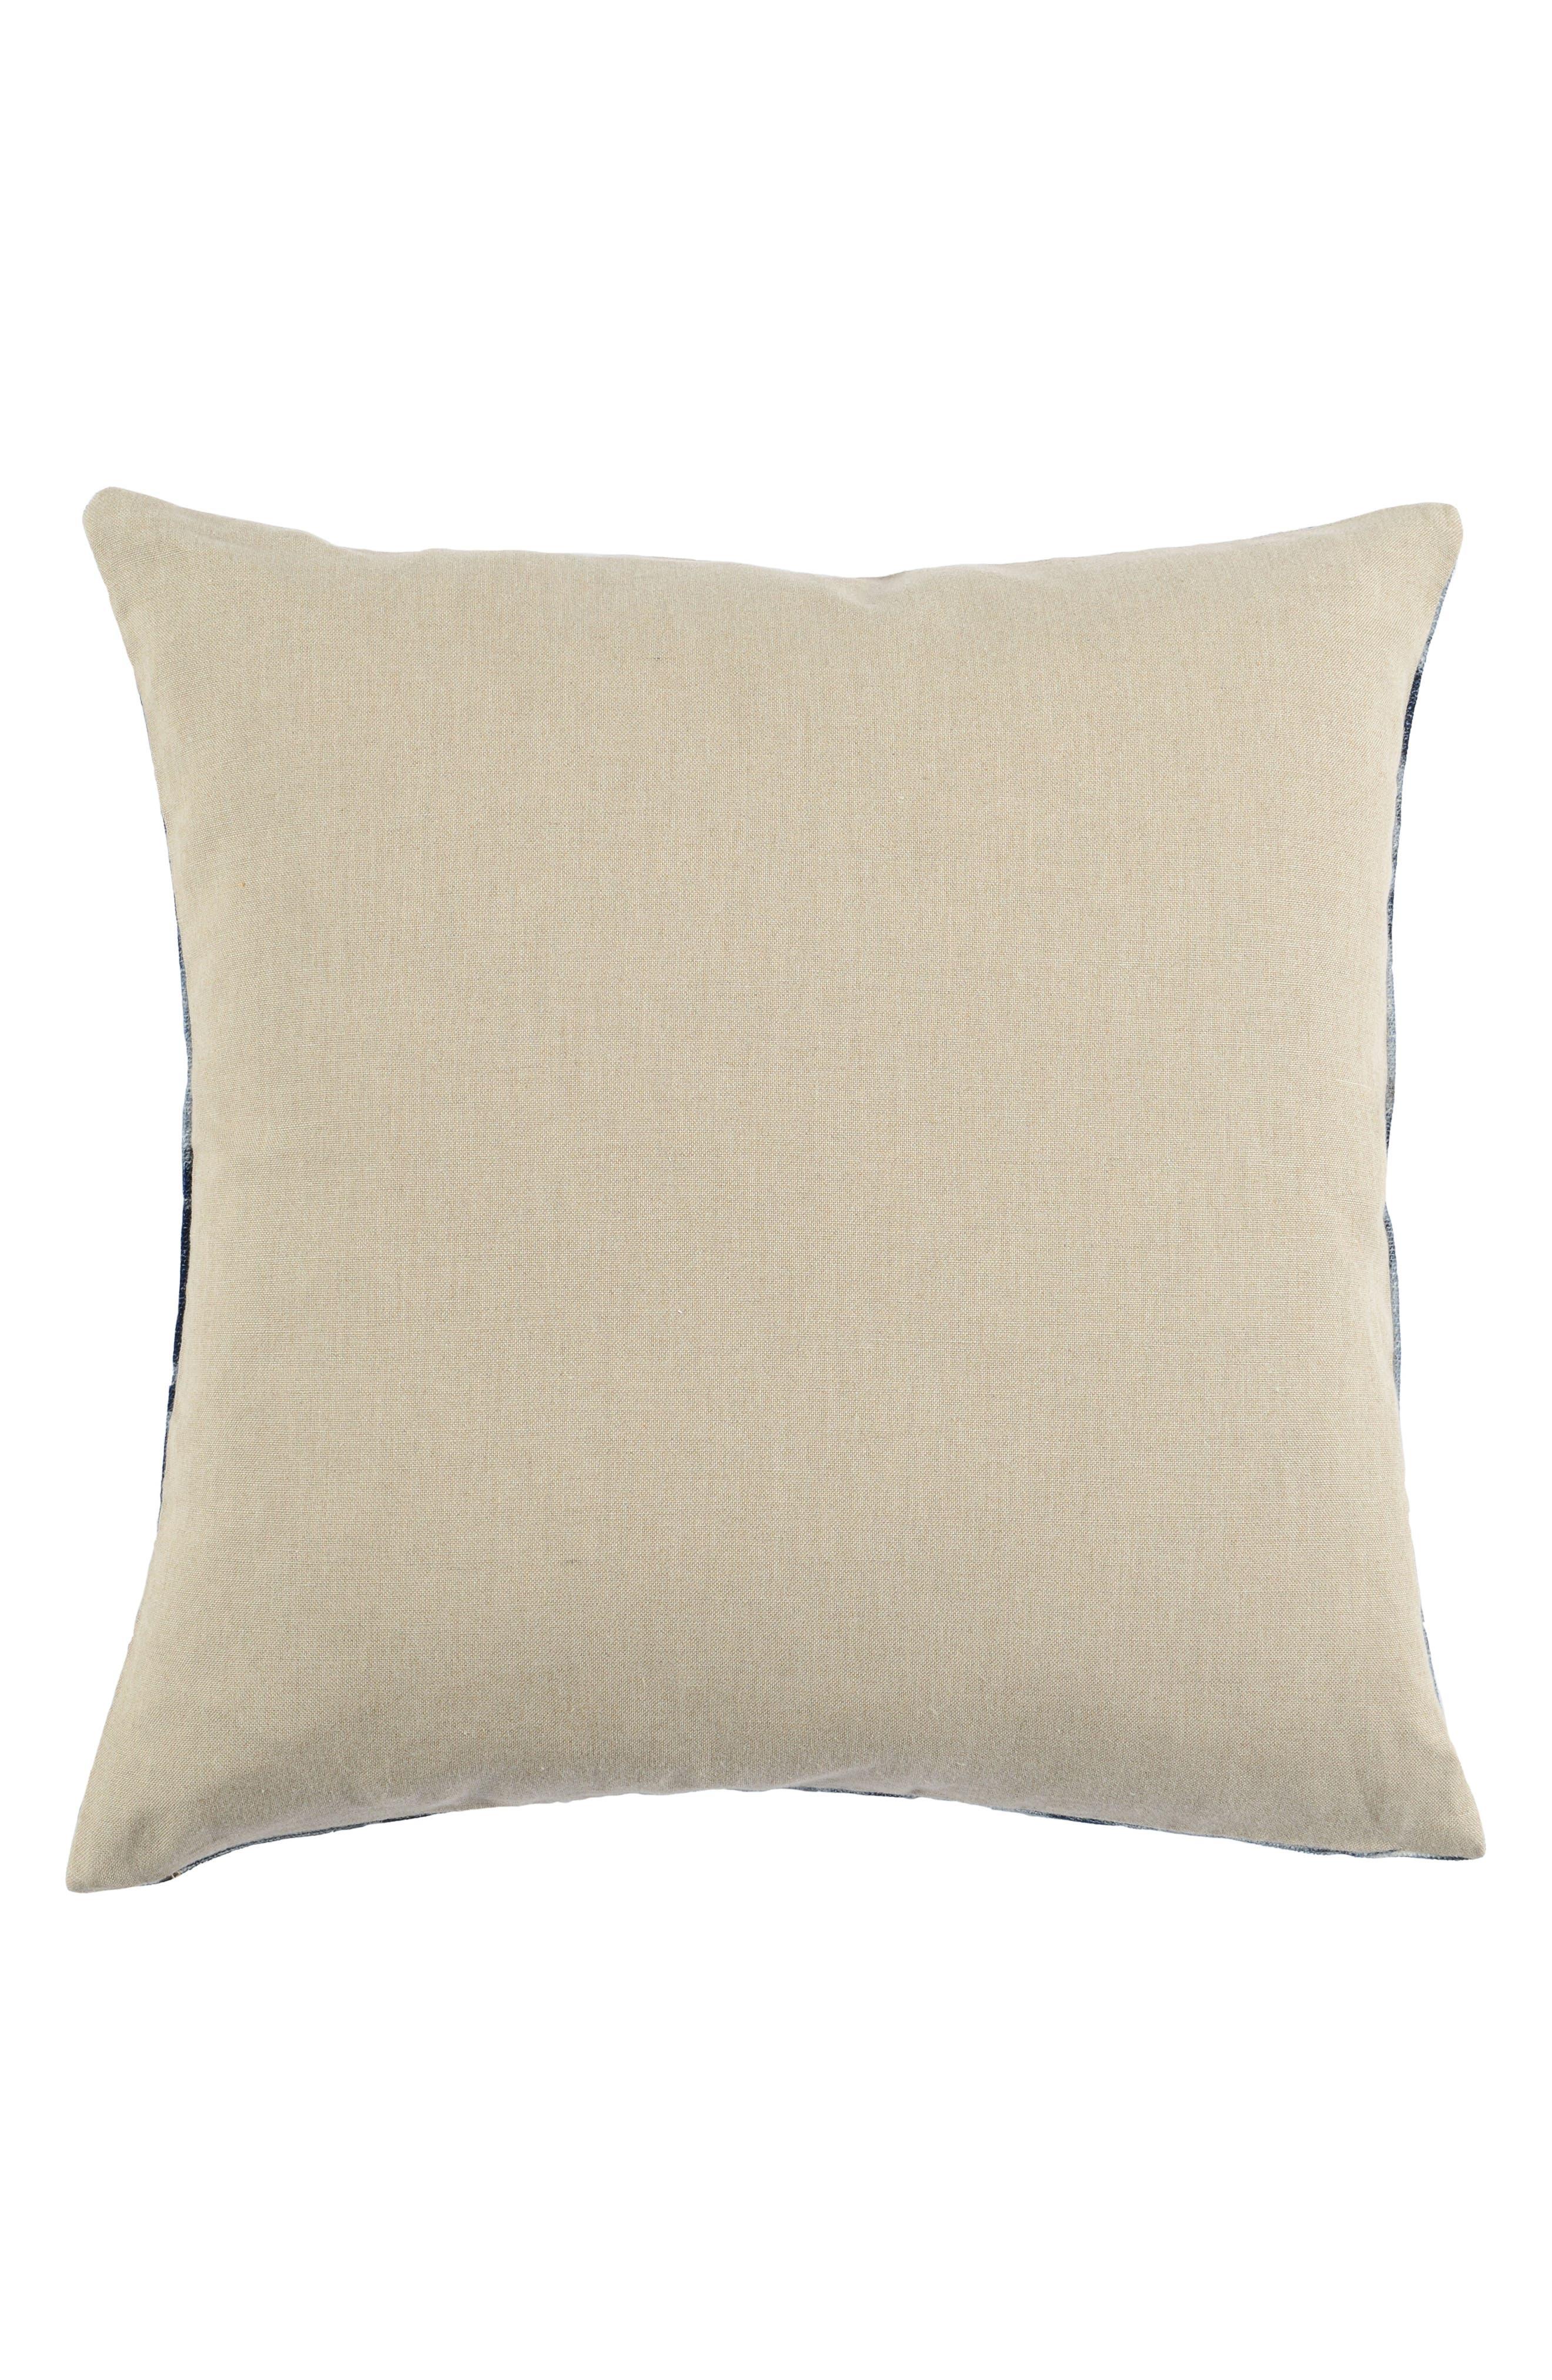 Luna Velvet Accent Pillow,                             Alternate thumbnail 2, color,                             400